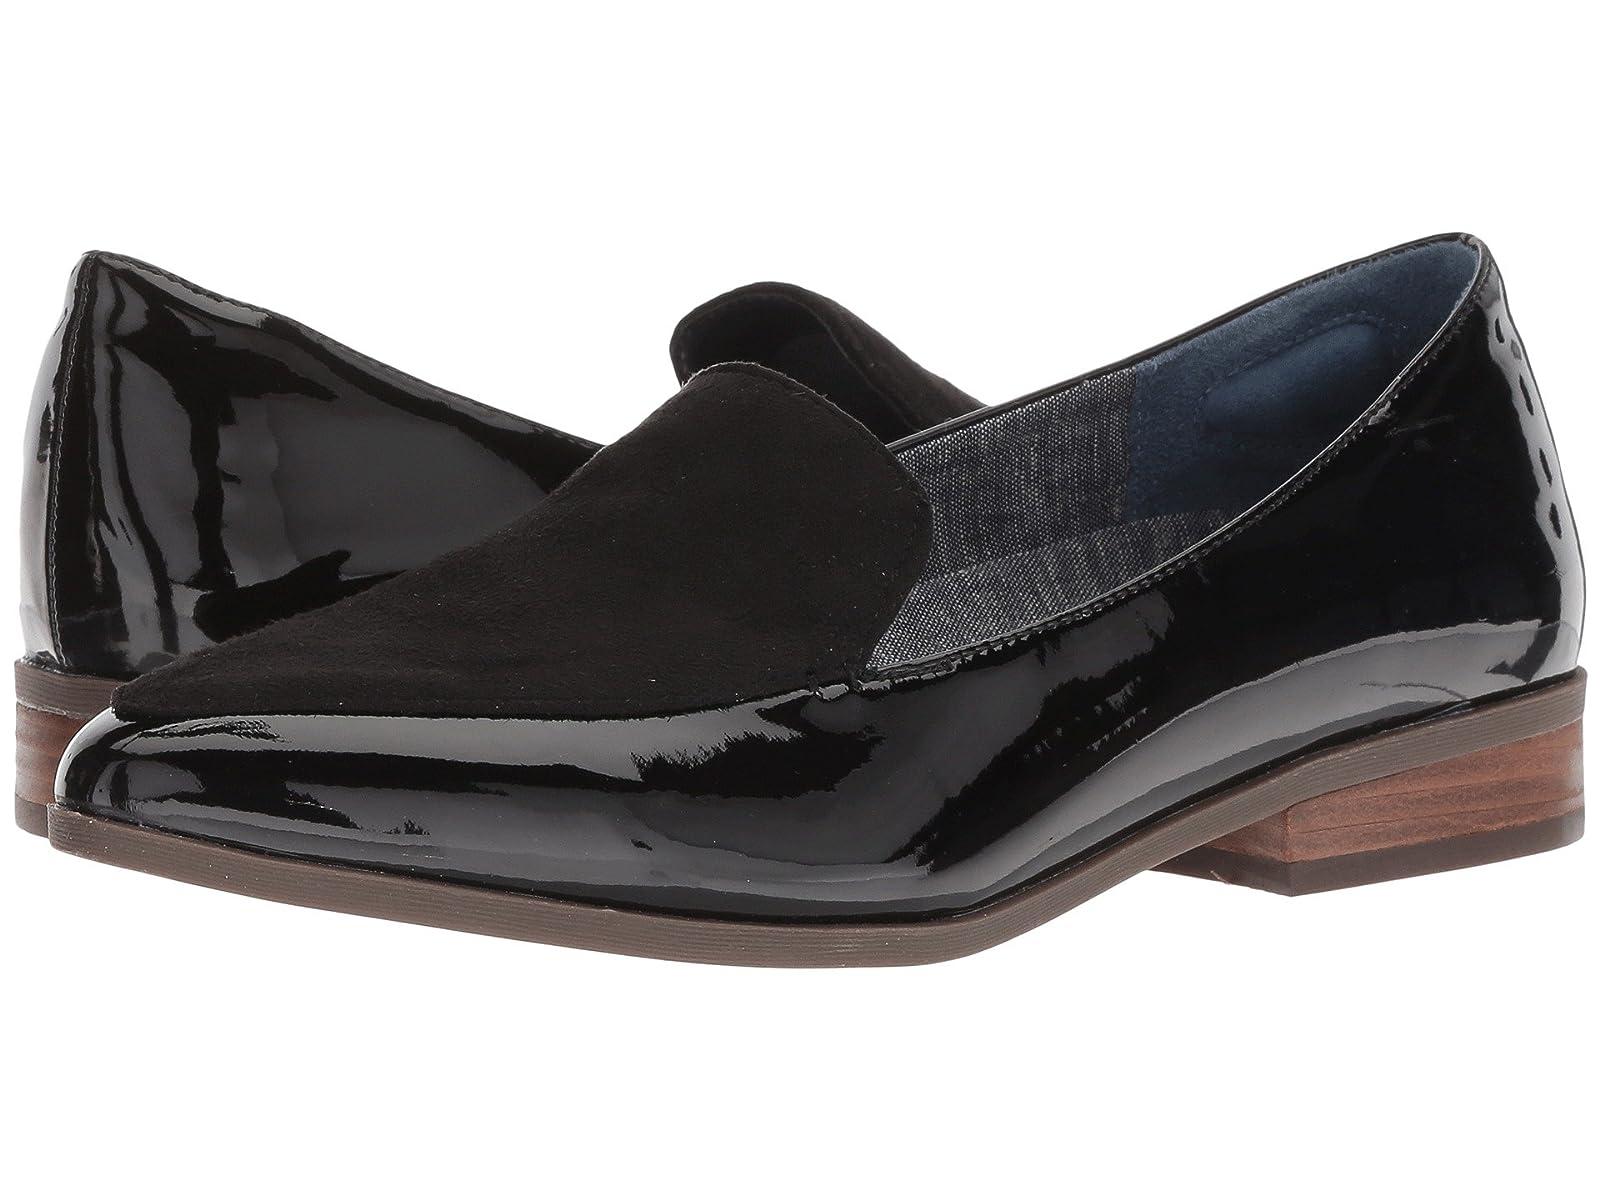 Dr. Scholl's ElegantAtmospheric grades have affordable shoes